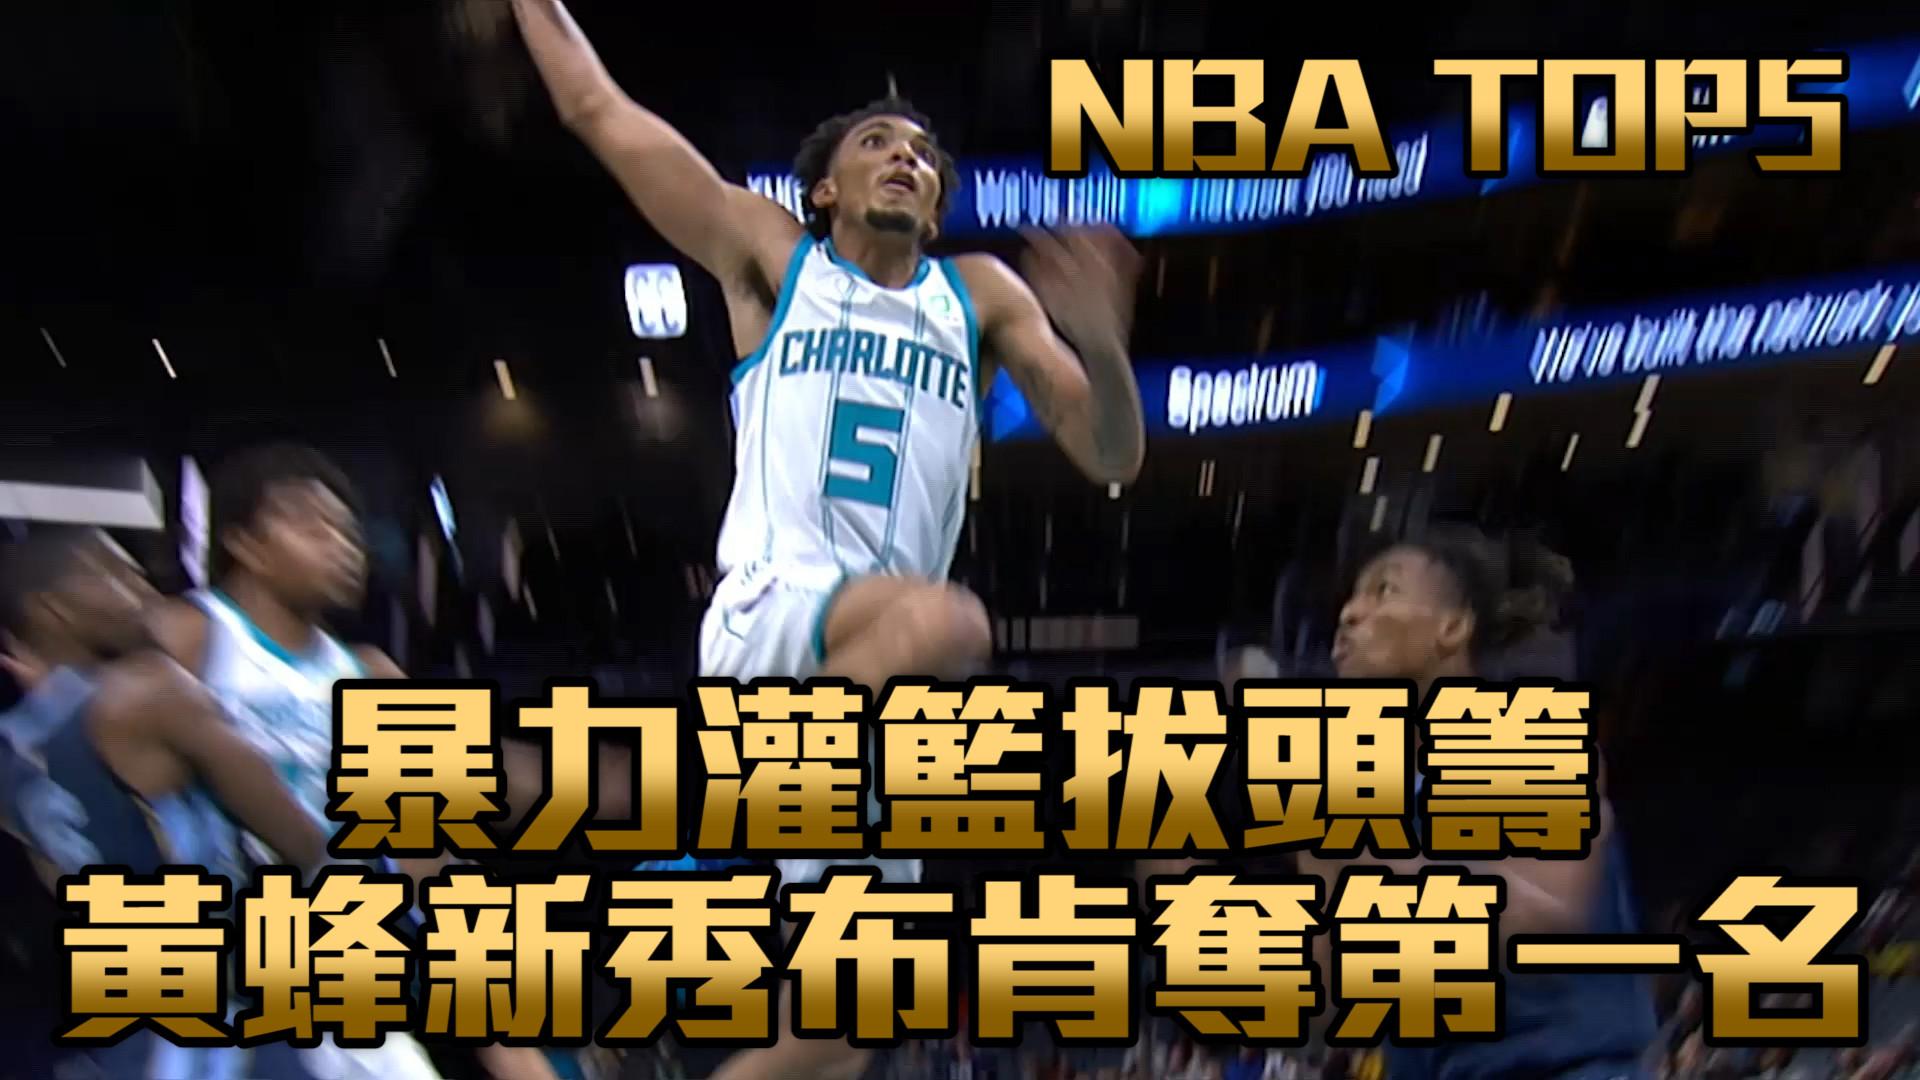 NBA新賽季在即!熱身賽好球不容錯過 10/8